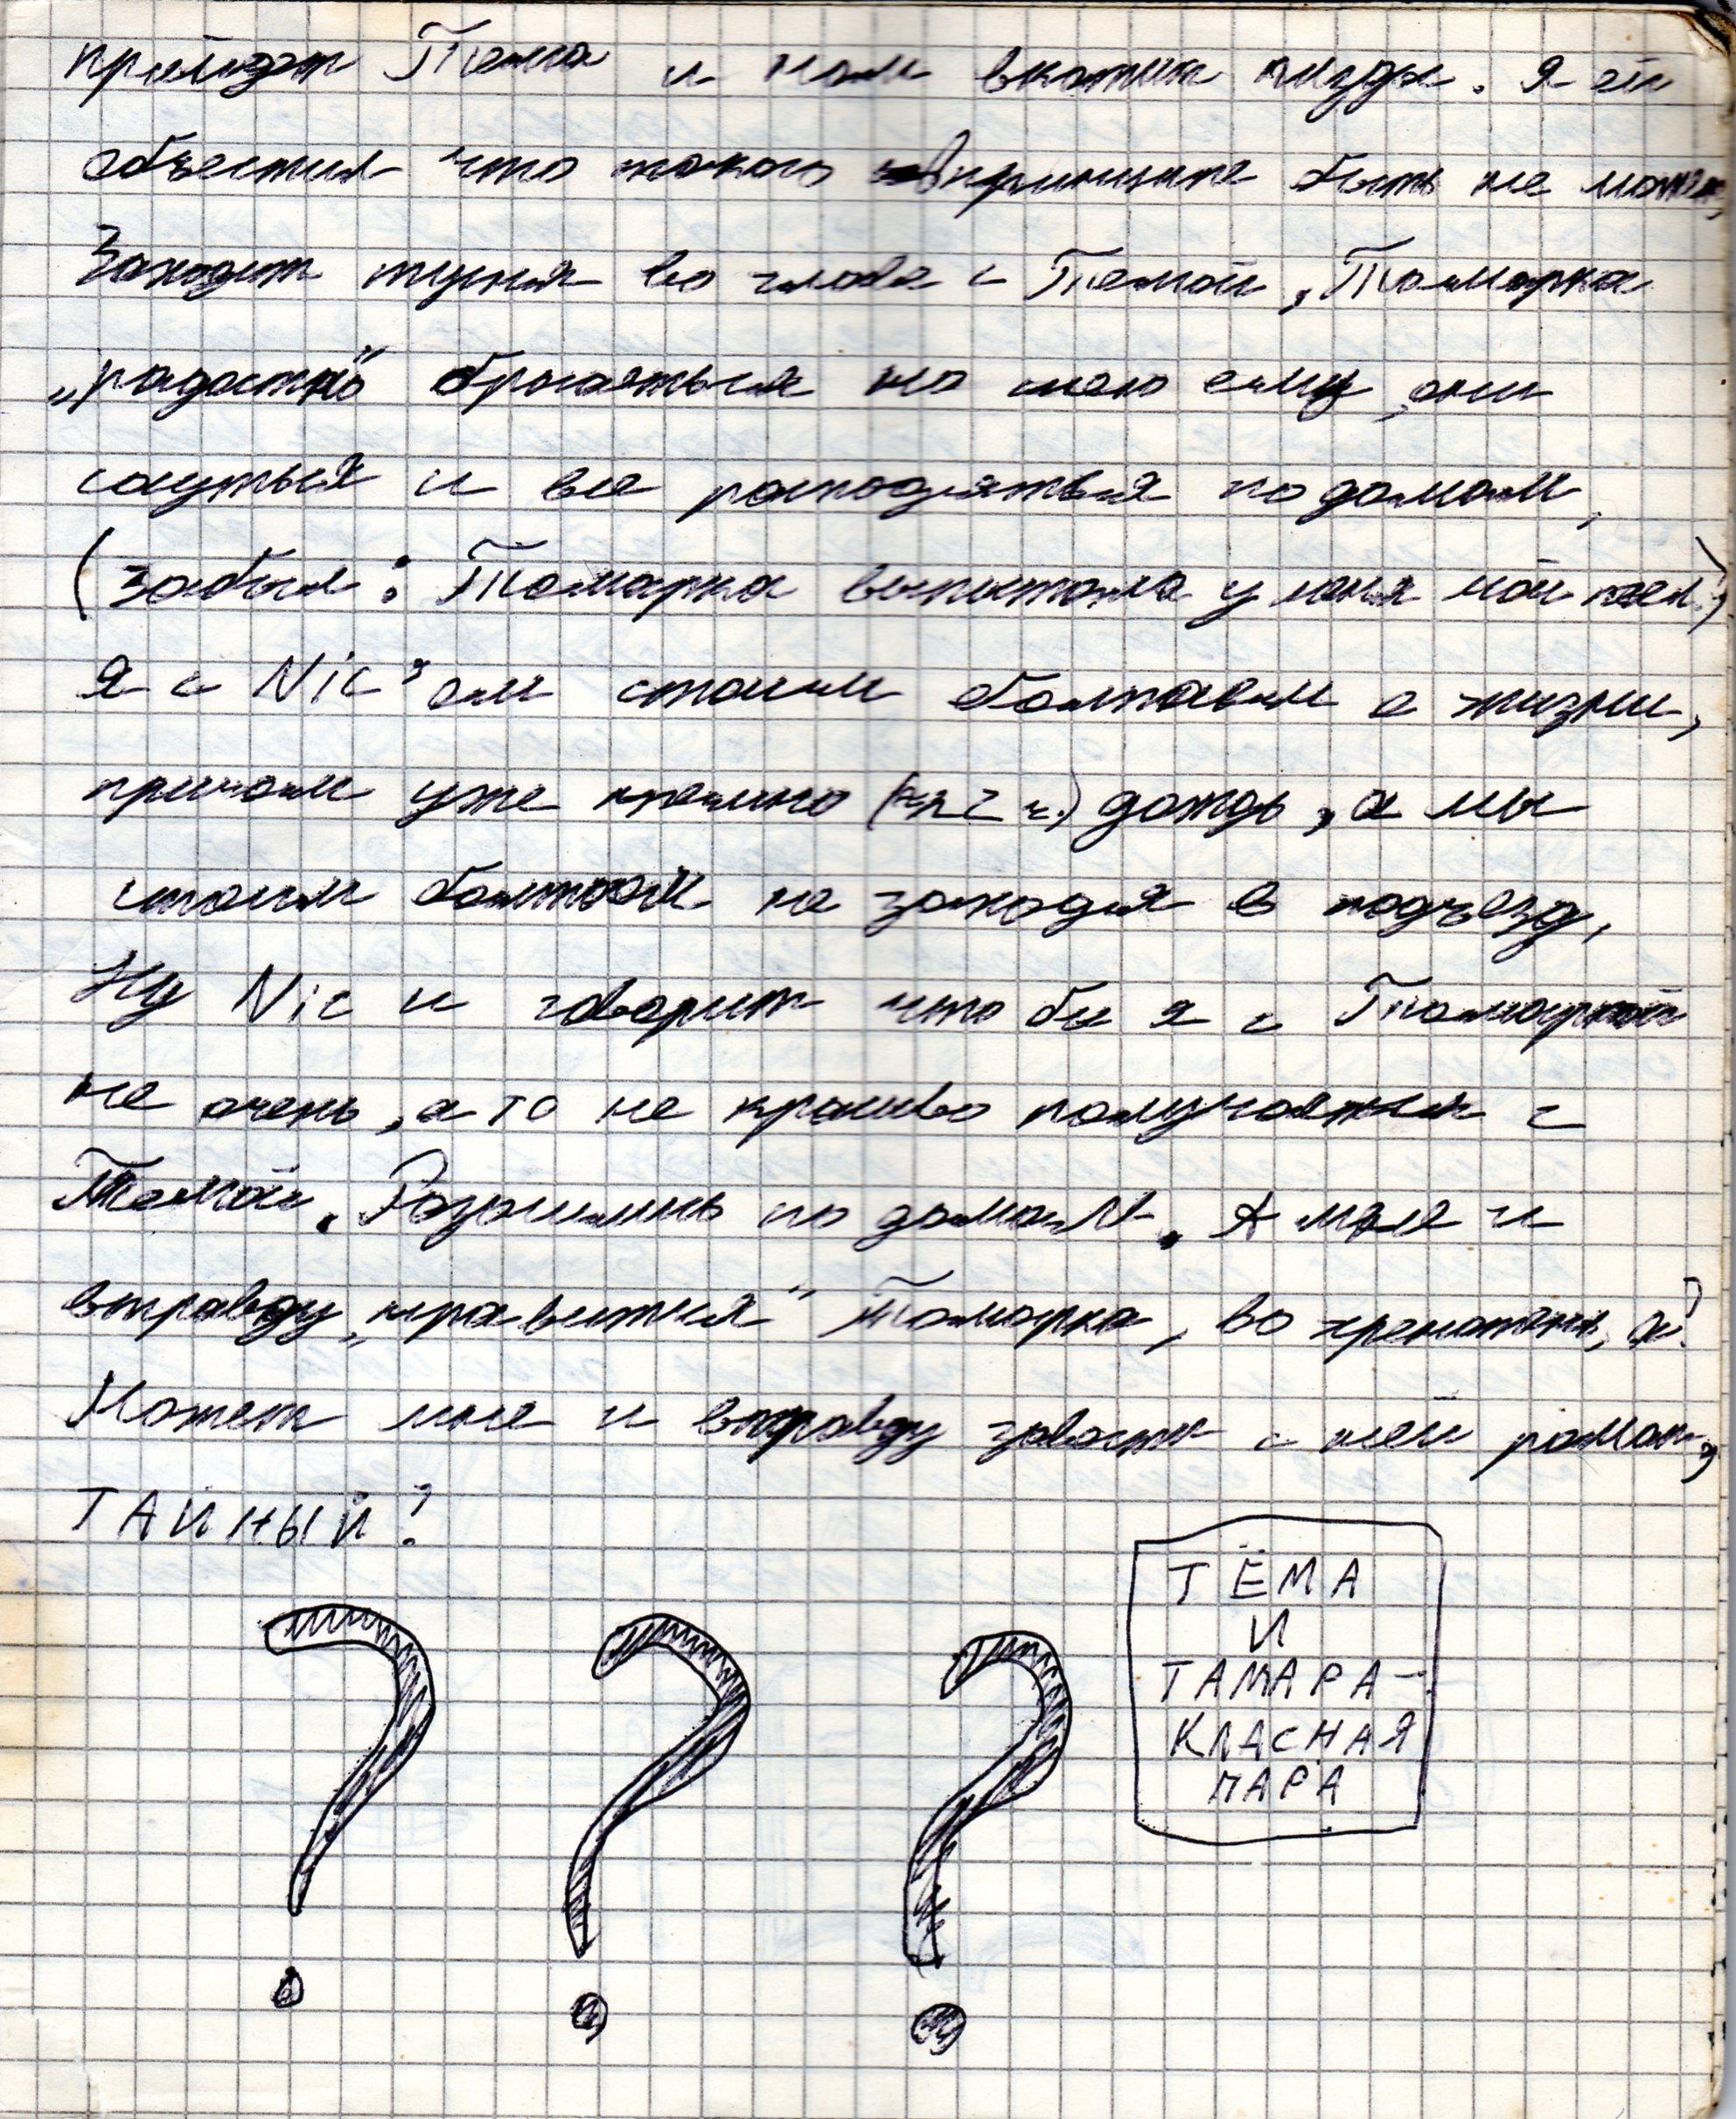 Запись из дневника от 06.05.1998, 3 страница из 3